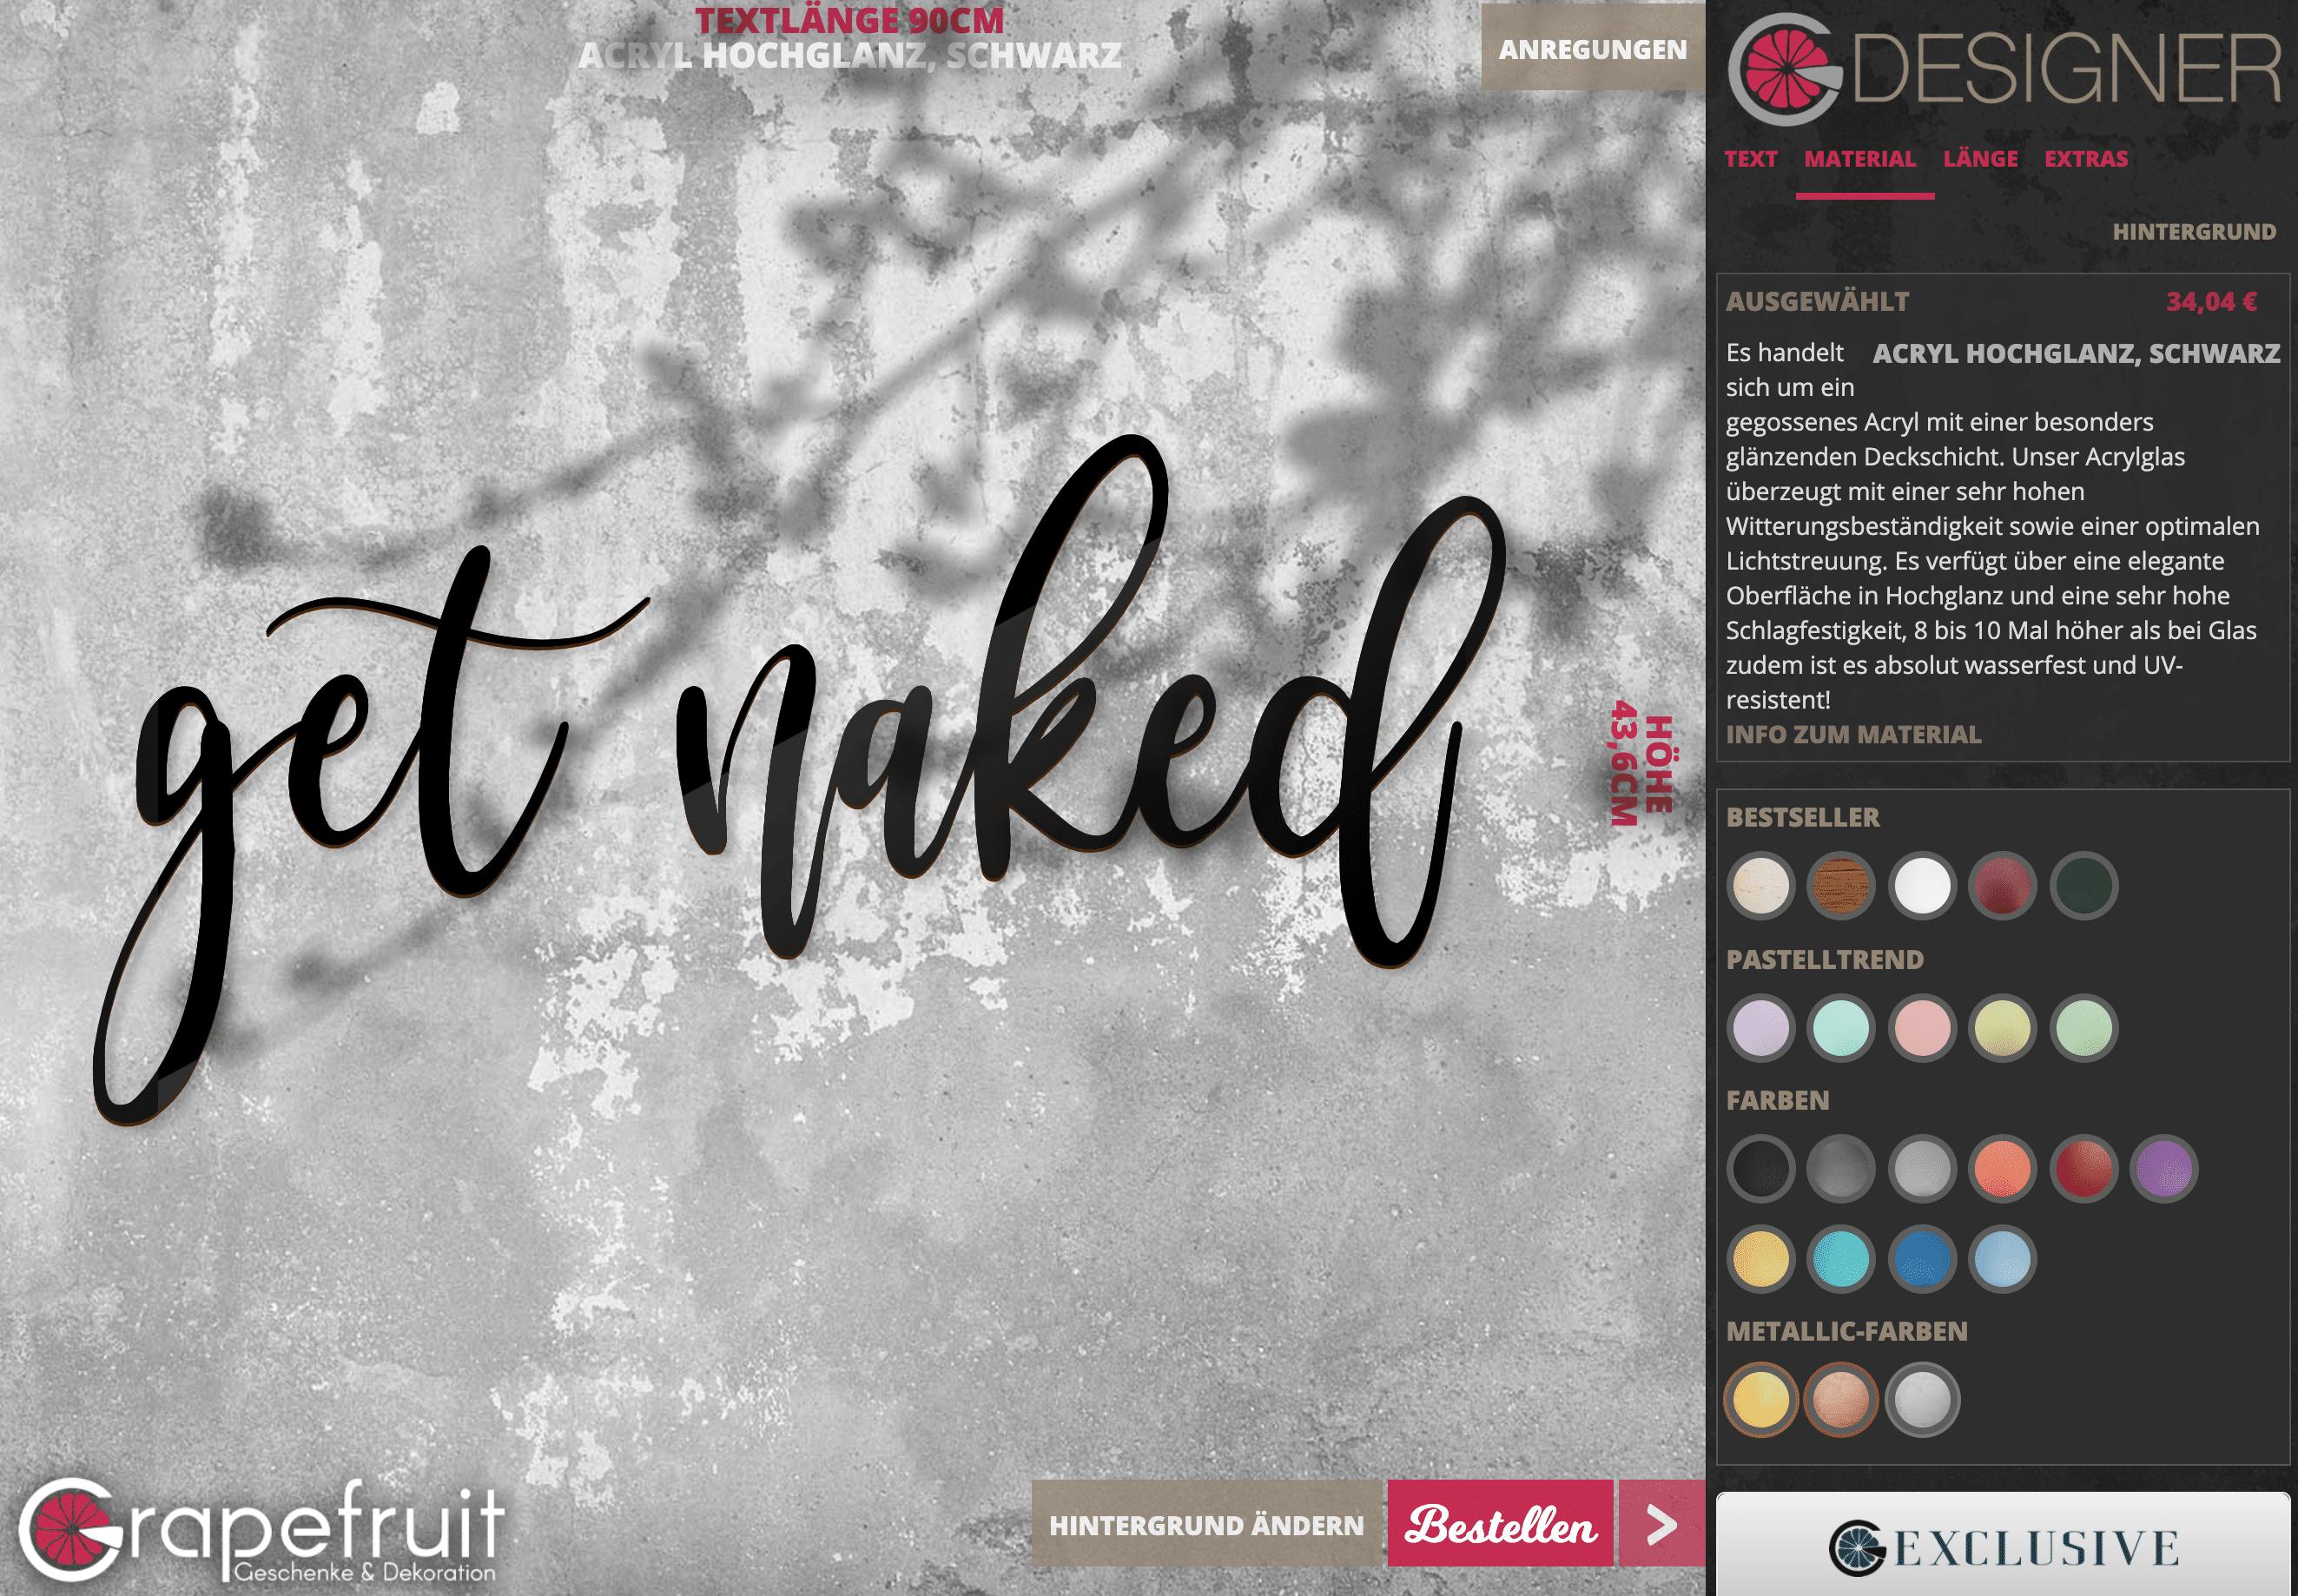 Badezimmer get naked – Schriftzug aus Holz zum Aufkleben in Wunschfarbe